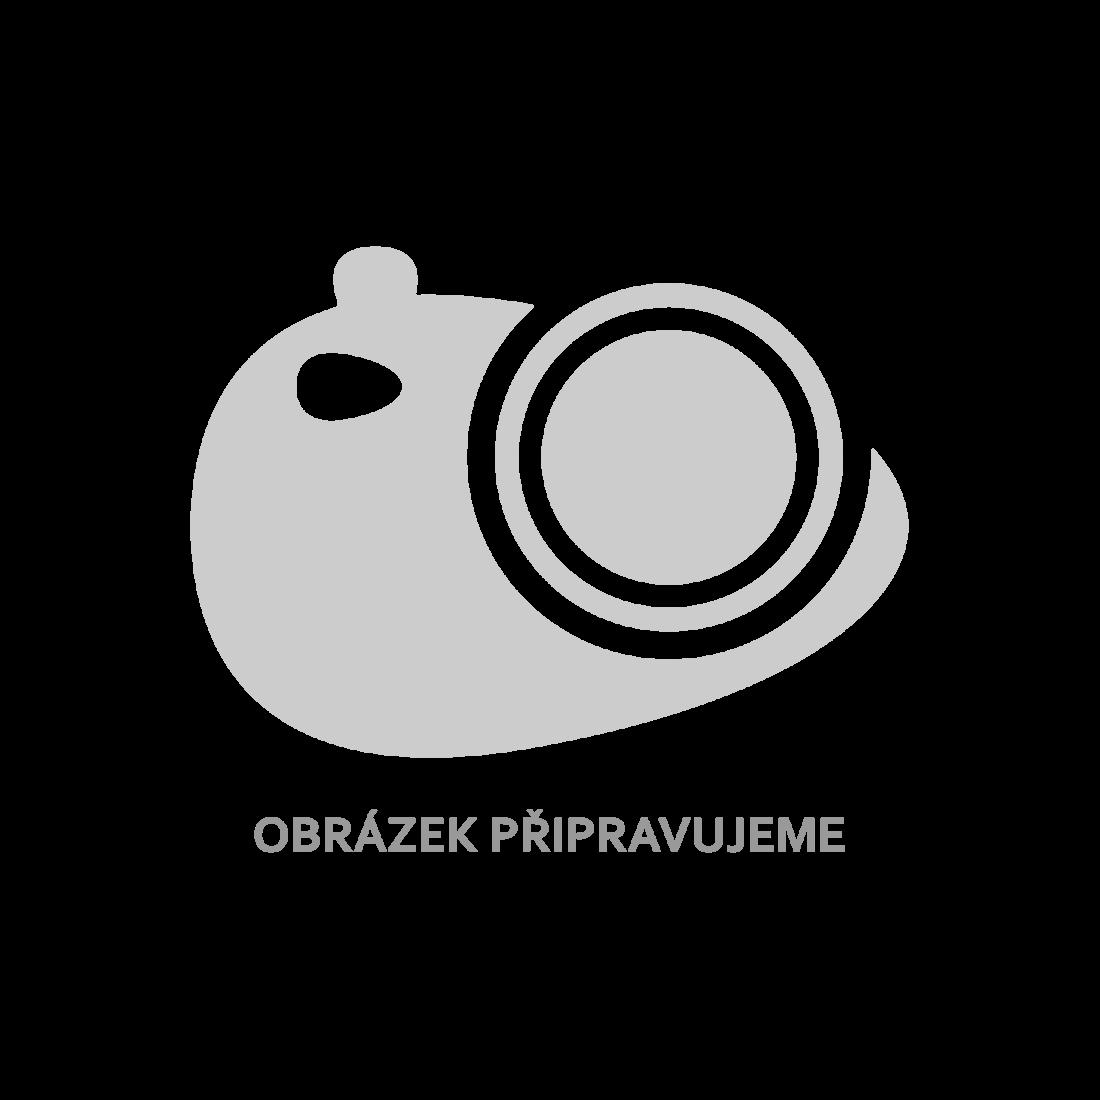 6dílná zahradní sedací souprava z palet a šedé podušky dřevo